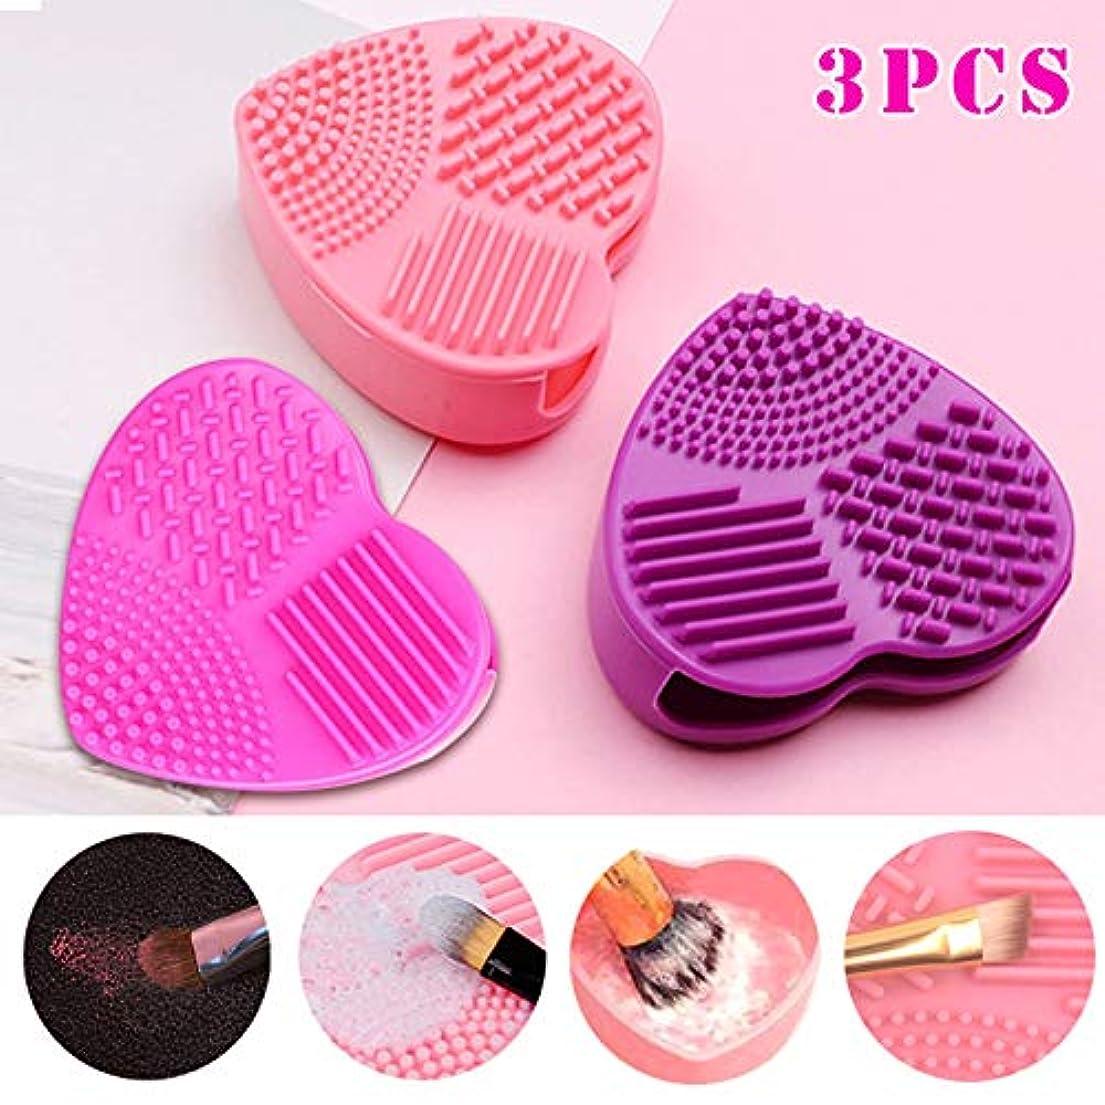 スリム最も適応Symboat 3つのハート型の化粧ブラシのクリーニングパッド 洗浄ブラシ ピンクのハート形 化粧ブラシ用清掃パッド